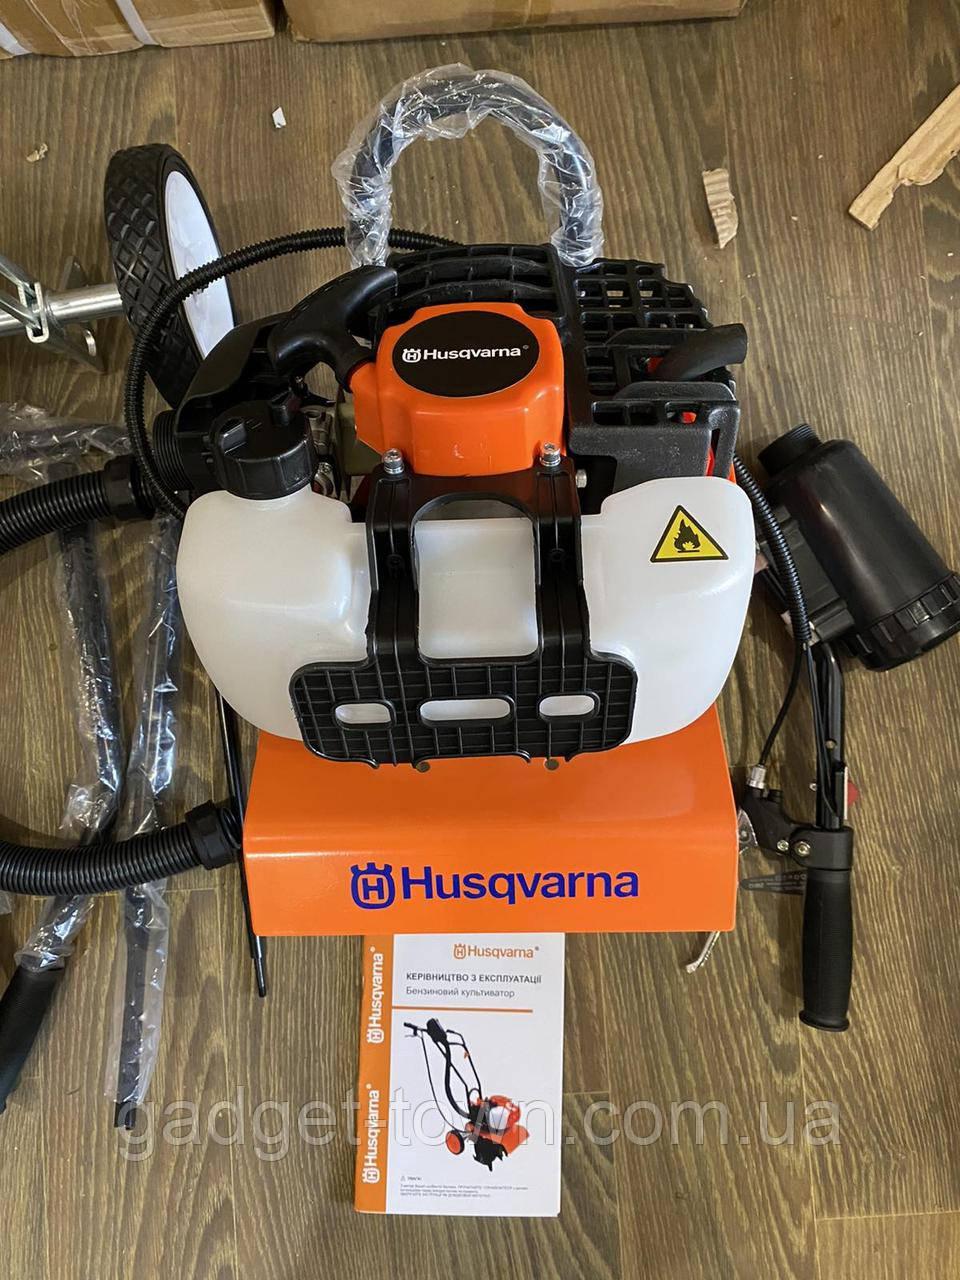 Мотокультиватор Husqvarna культиватор бензиновий 2-х тактний (2.4 л.с 62 куб см)